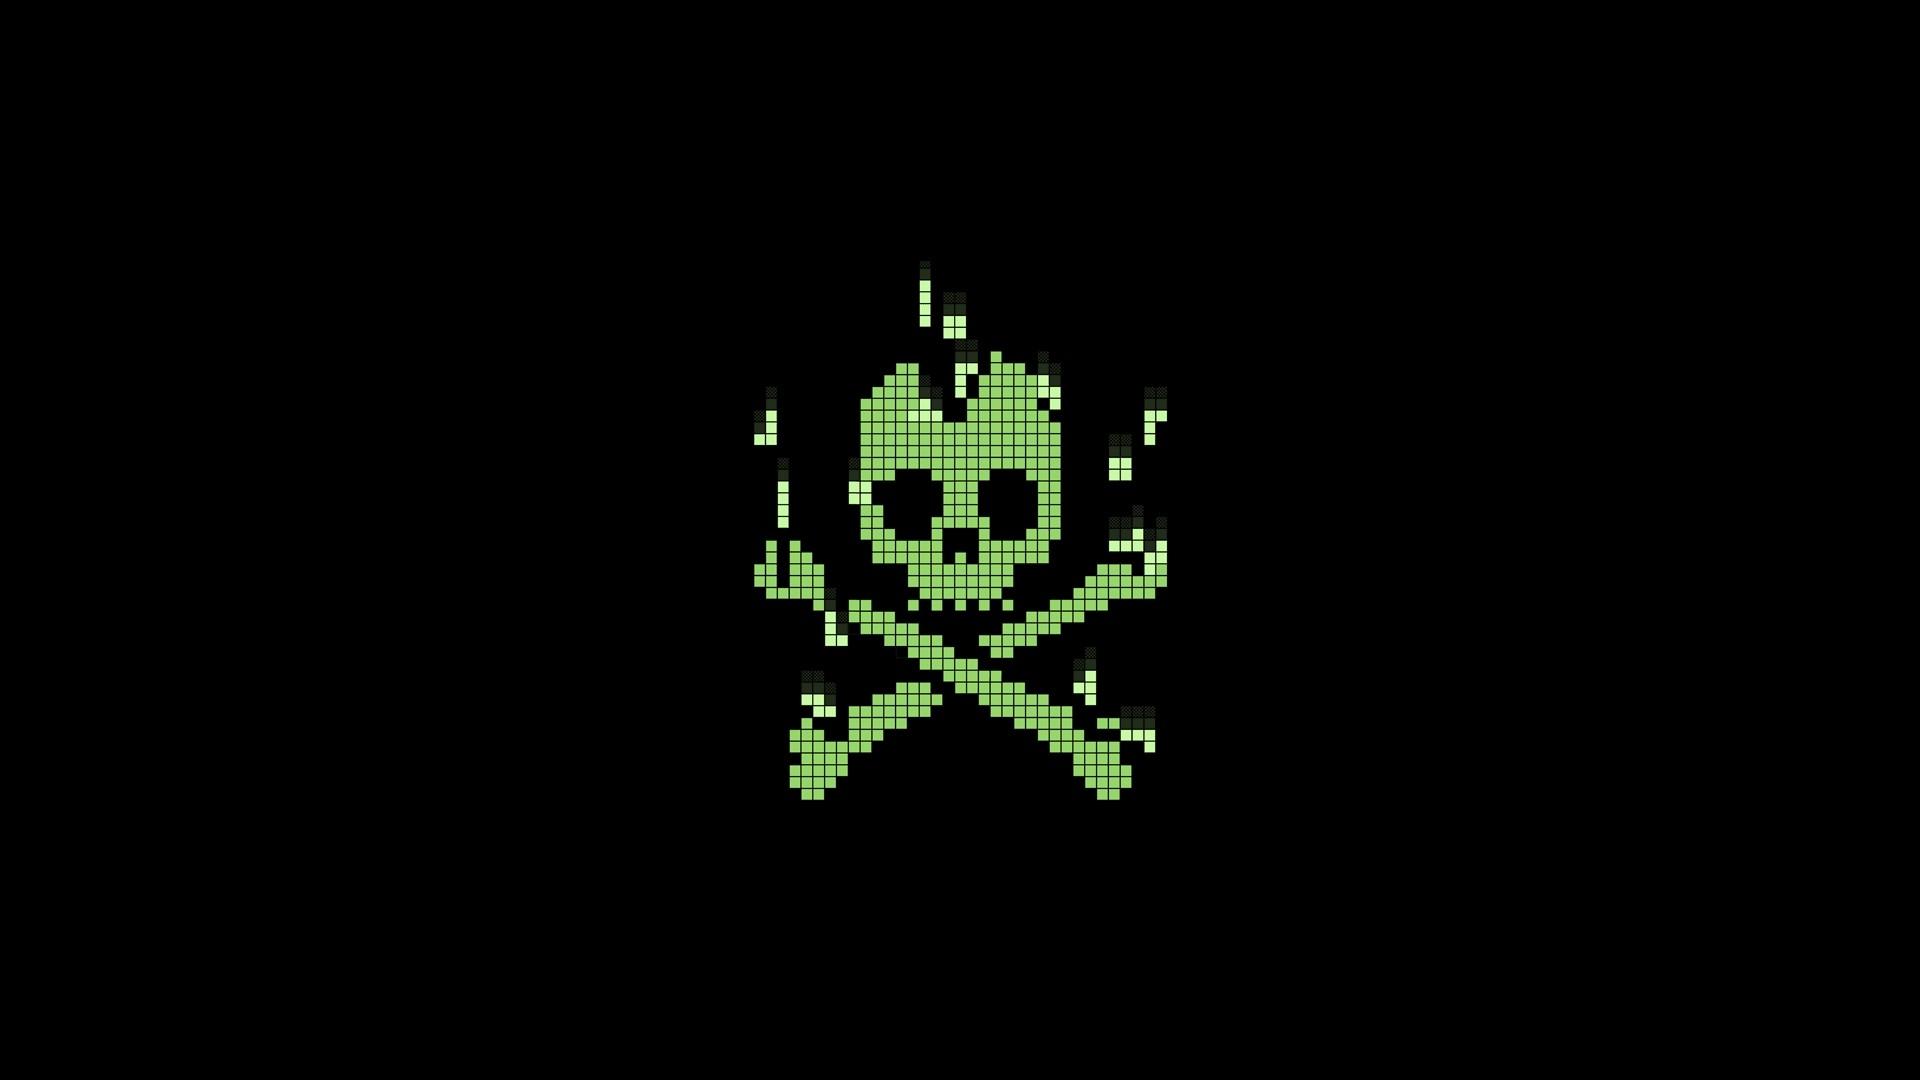 Взломы, хакерство, слежка